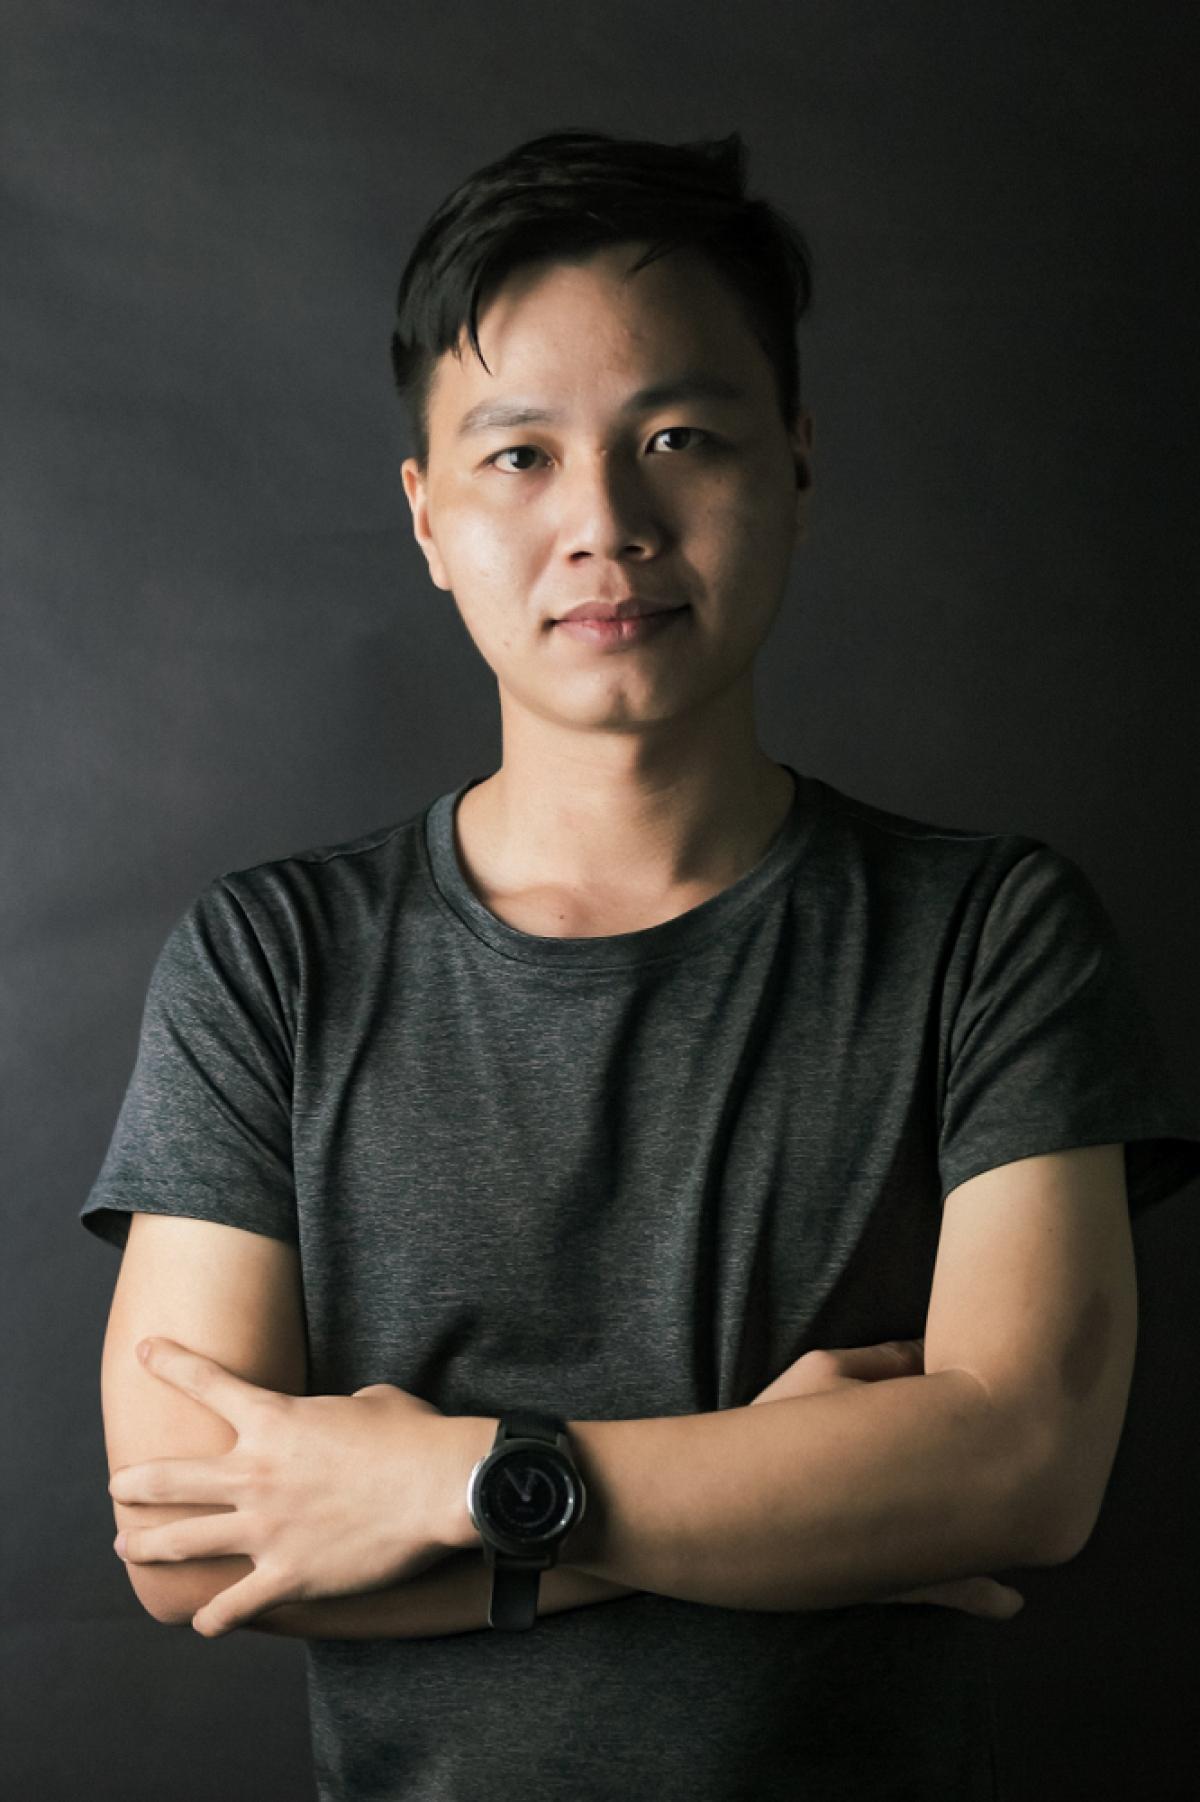 Nguyễn Minh Khôi vẫn đang nỗ lực từng ngày để đưa Badan ngày một phát triển.